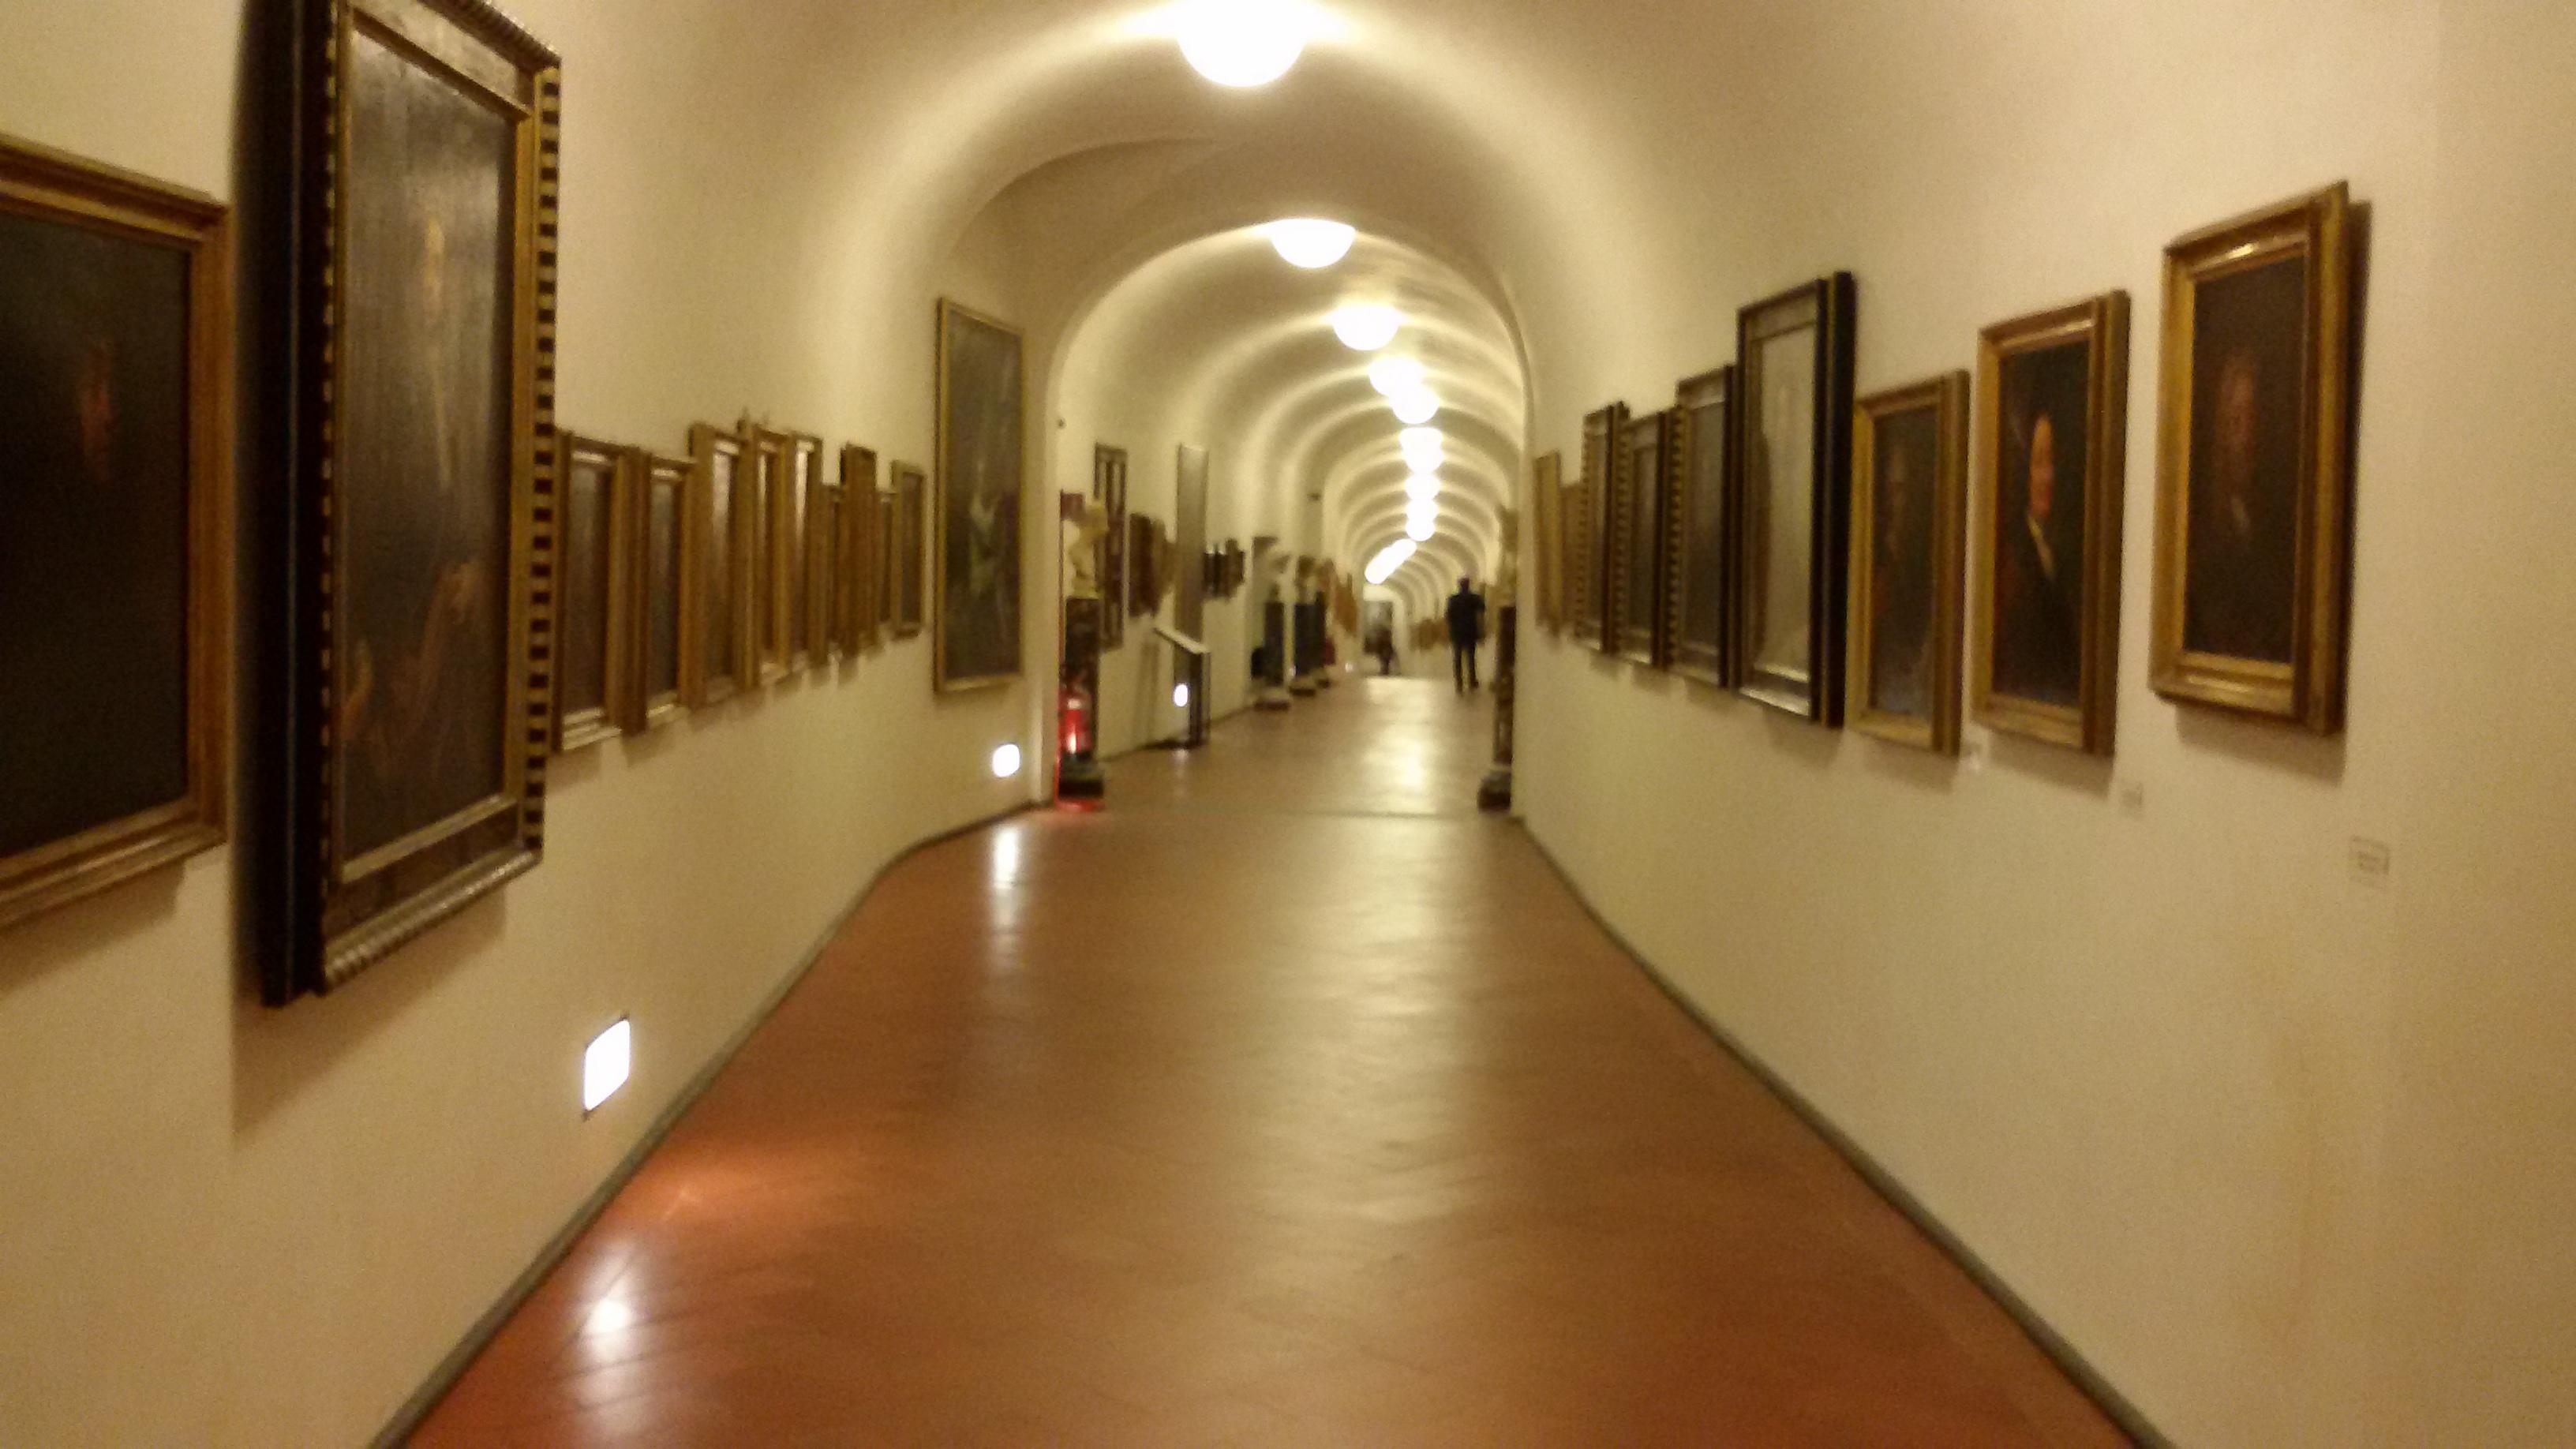 Коллекция автопортретов внутри коридора Вазари. Источник https://upload.wikimedia.org/